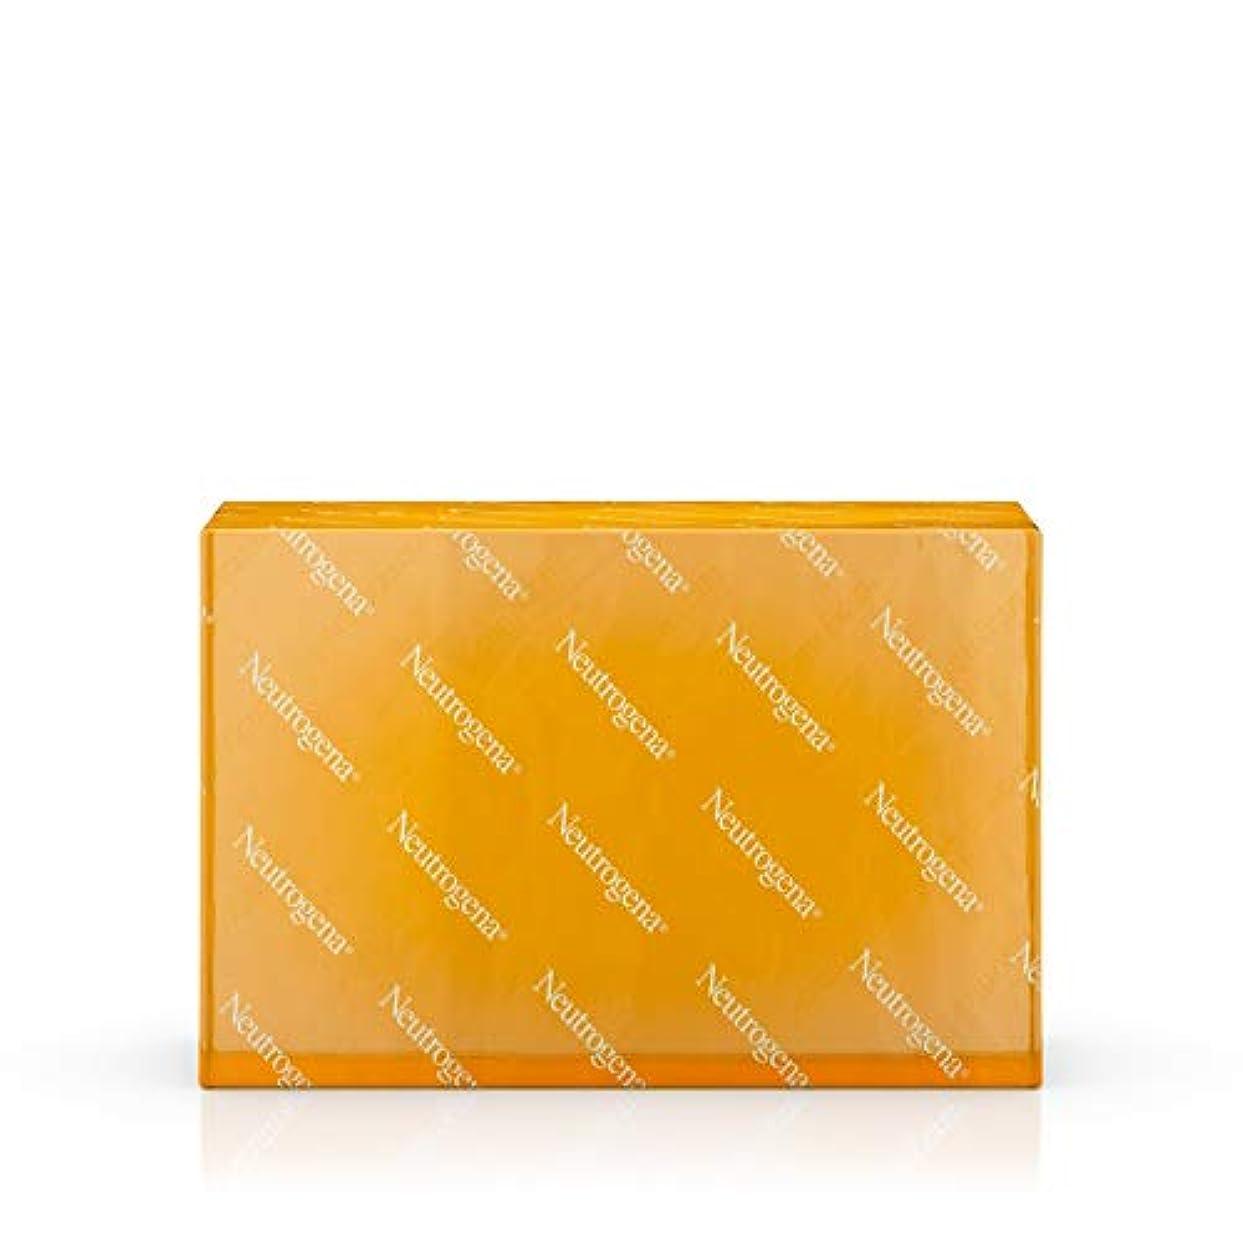 教育する談話思い出させる海外直送品 Neutrogena Neutrogena Transparent Facial Bar Soap Fragrance Free, Fragrance Free 3.5 oz